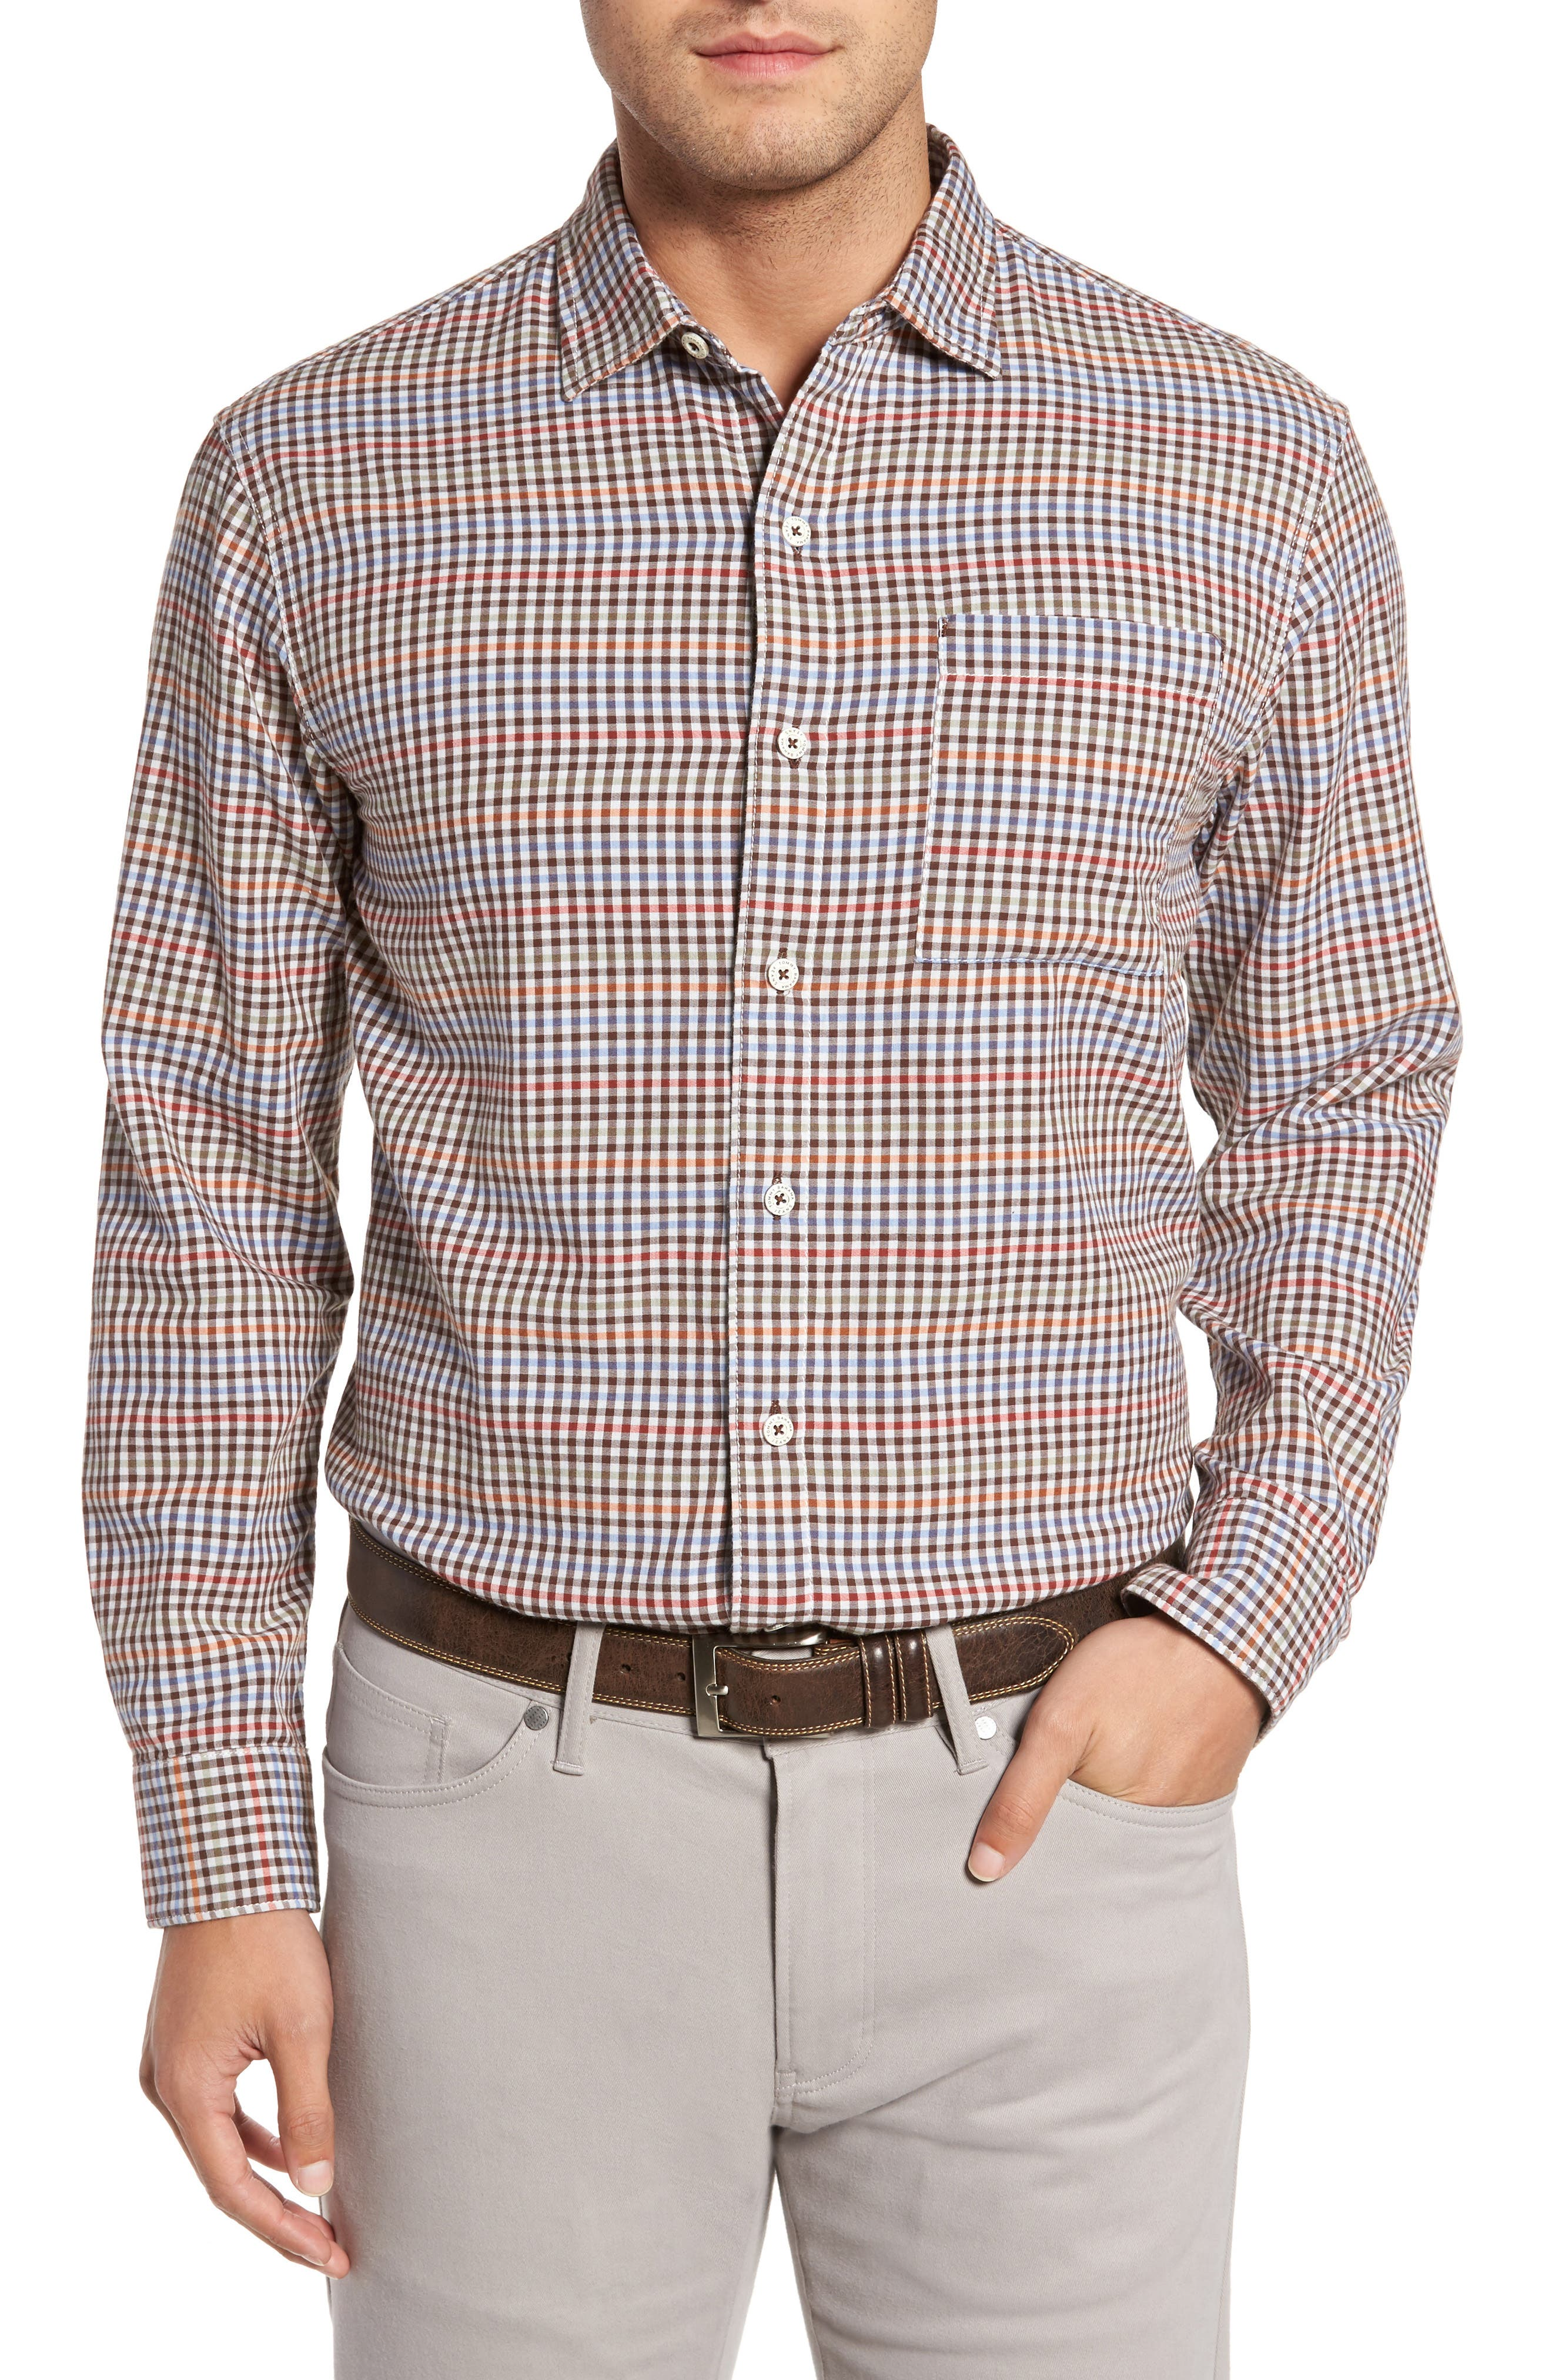 Tan Tan Regular Fit Check Sport Shirt,                         Main,                         color, 050